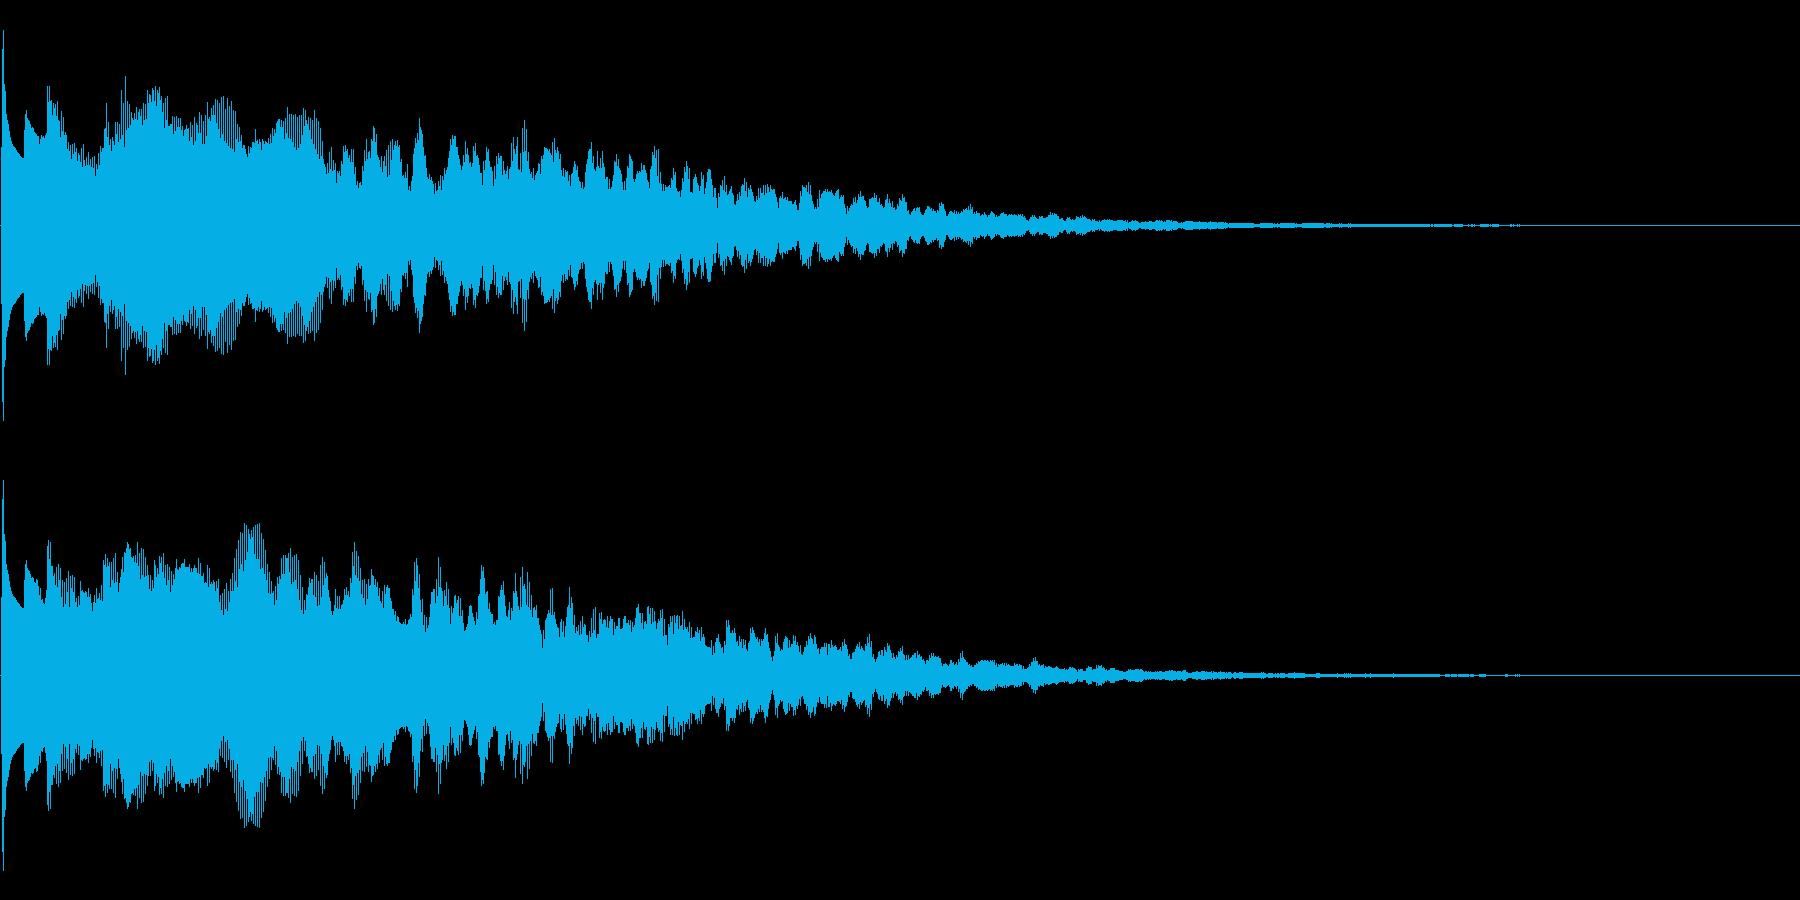 キラーン(決定音、アイテム入手音)の再生済みの波形